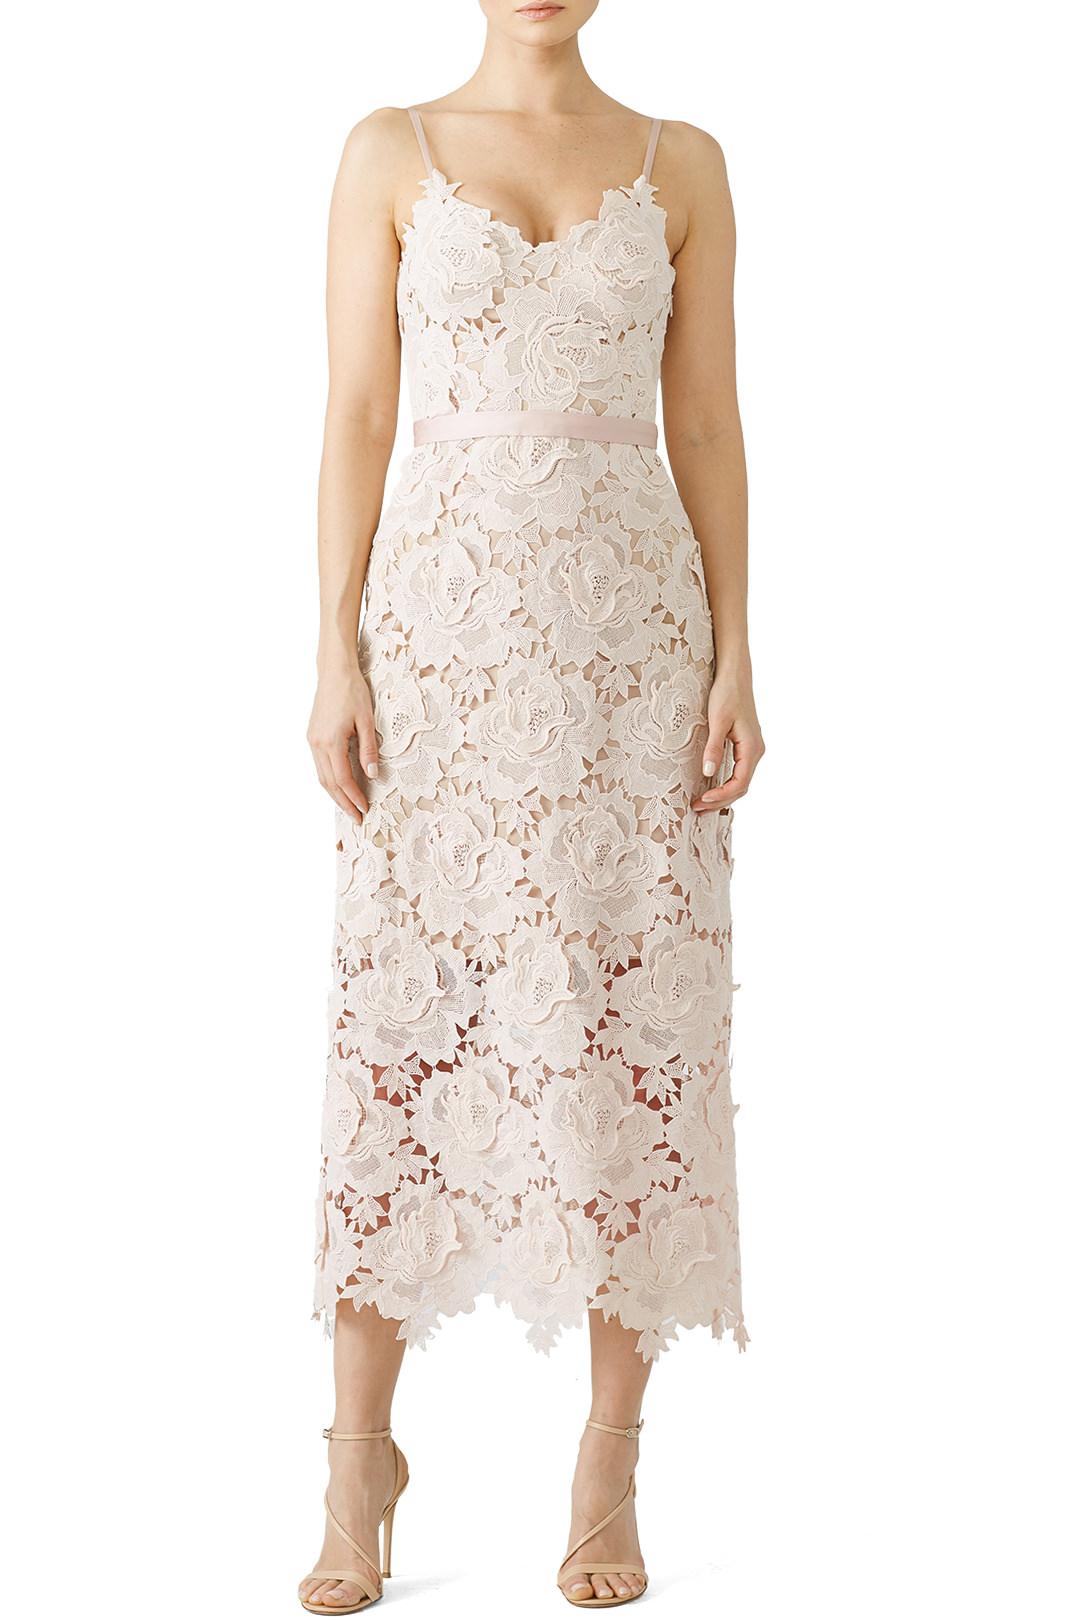 CATHERINE DEANE Rose Lace Frida Dress